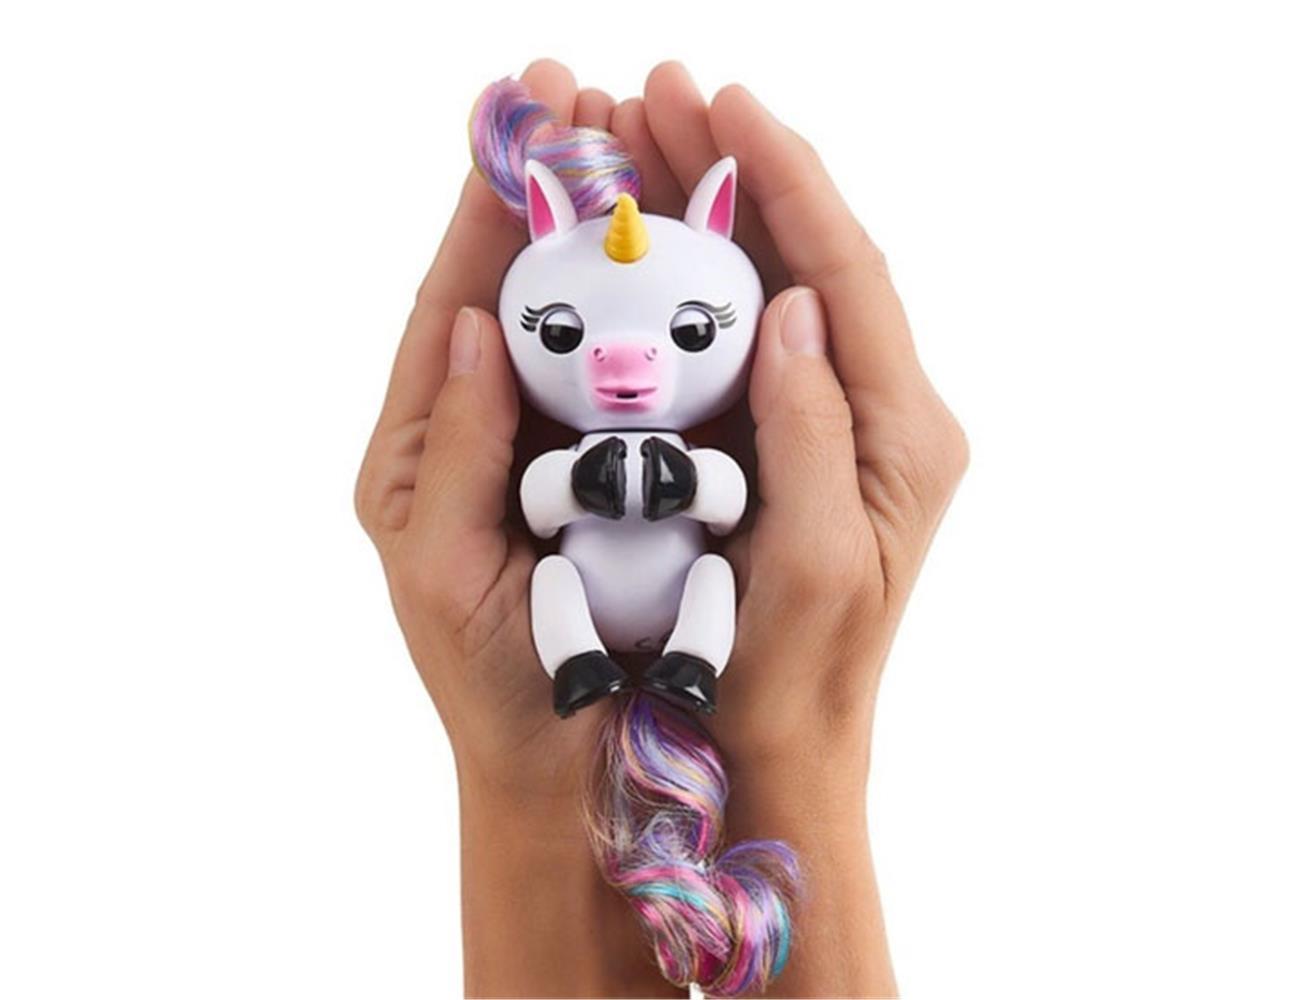 Výsledok vyhľadávania obrázkov pre dopyt happy unicorn interactive